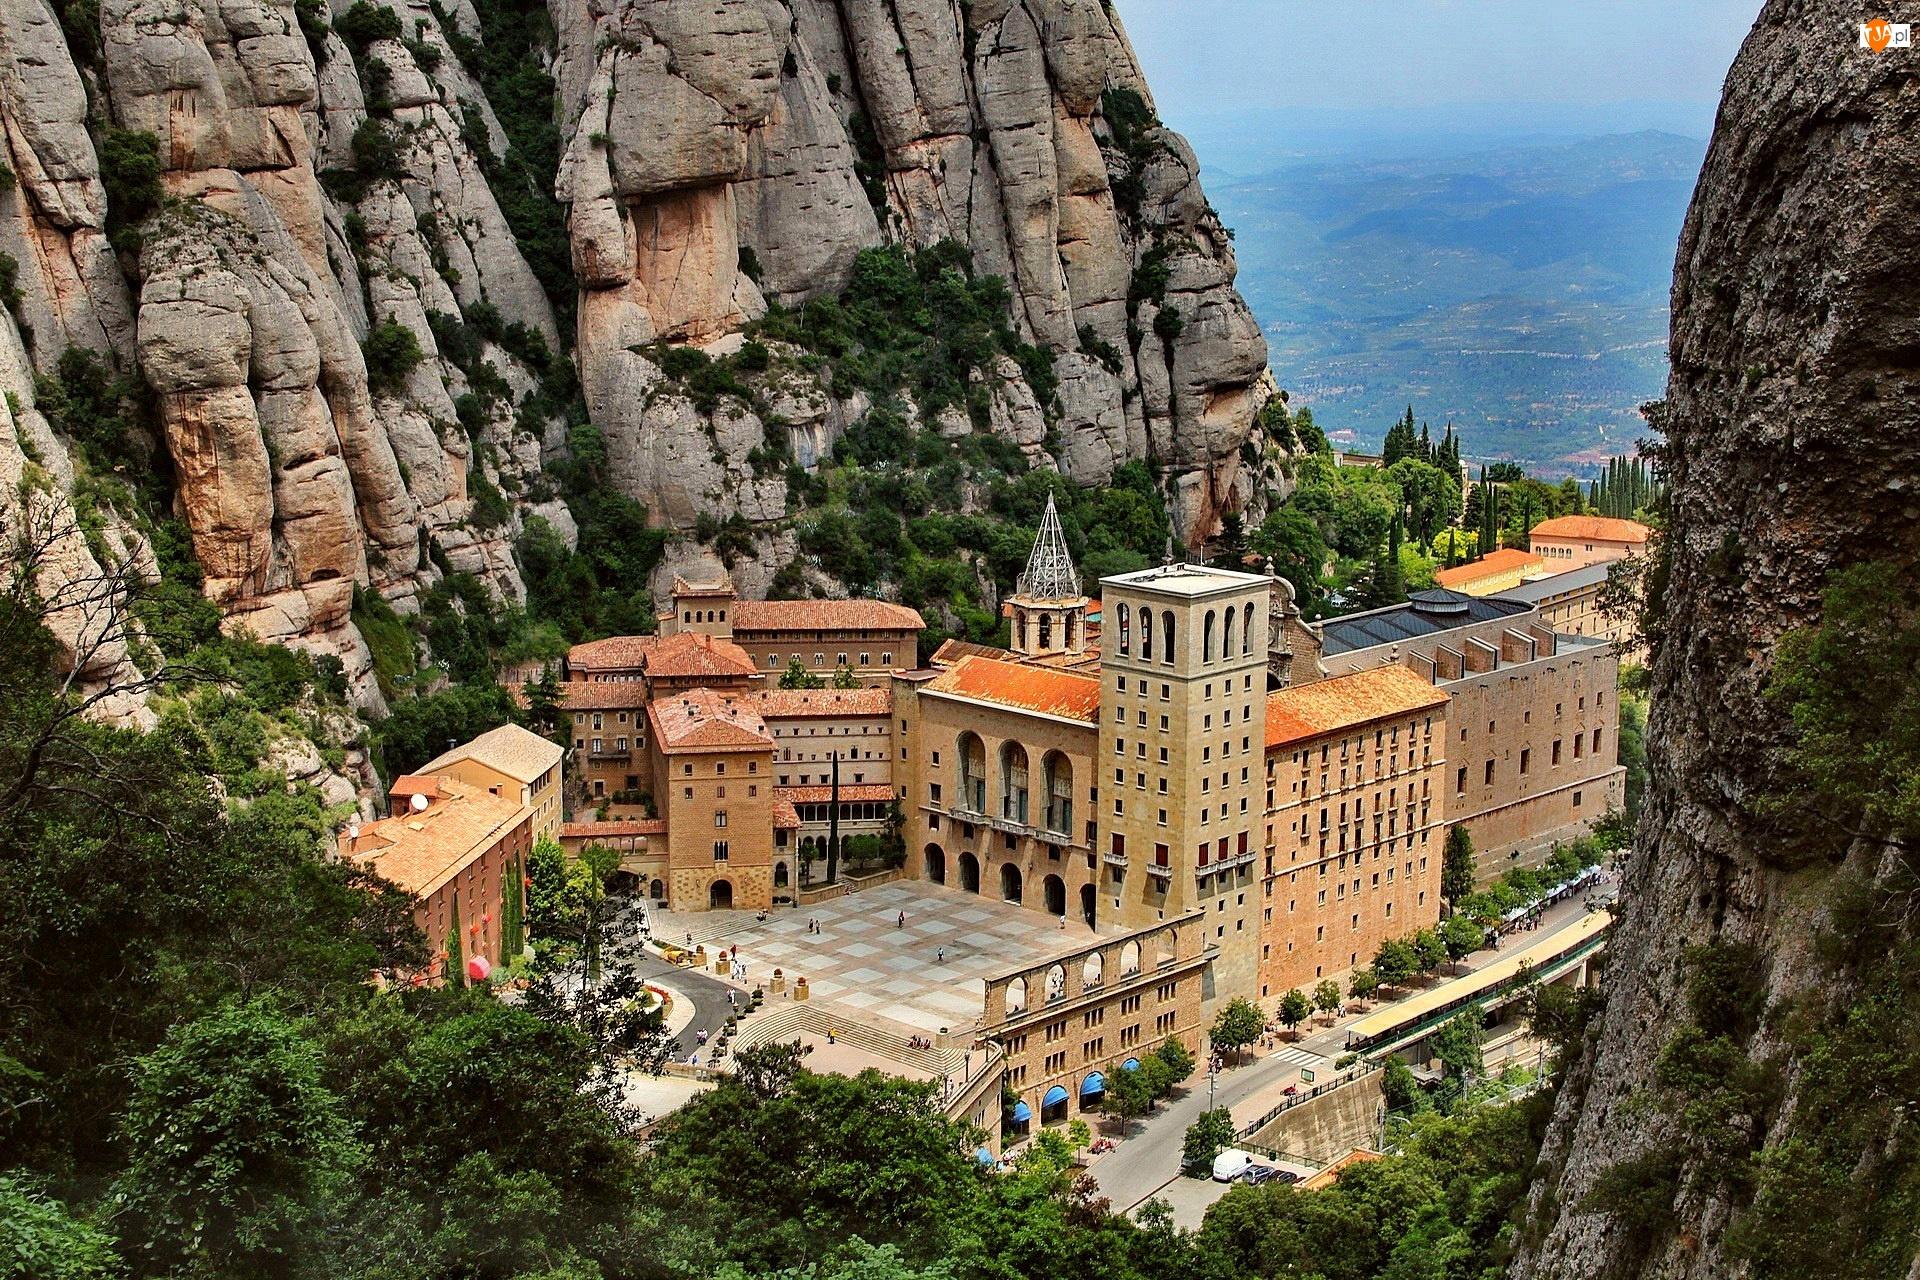 Hiszpania, Góry, Klasztor Montserrat